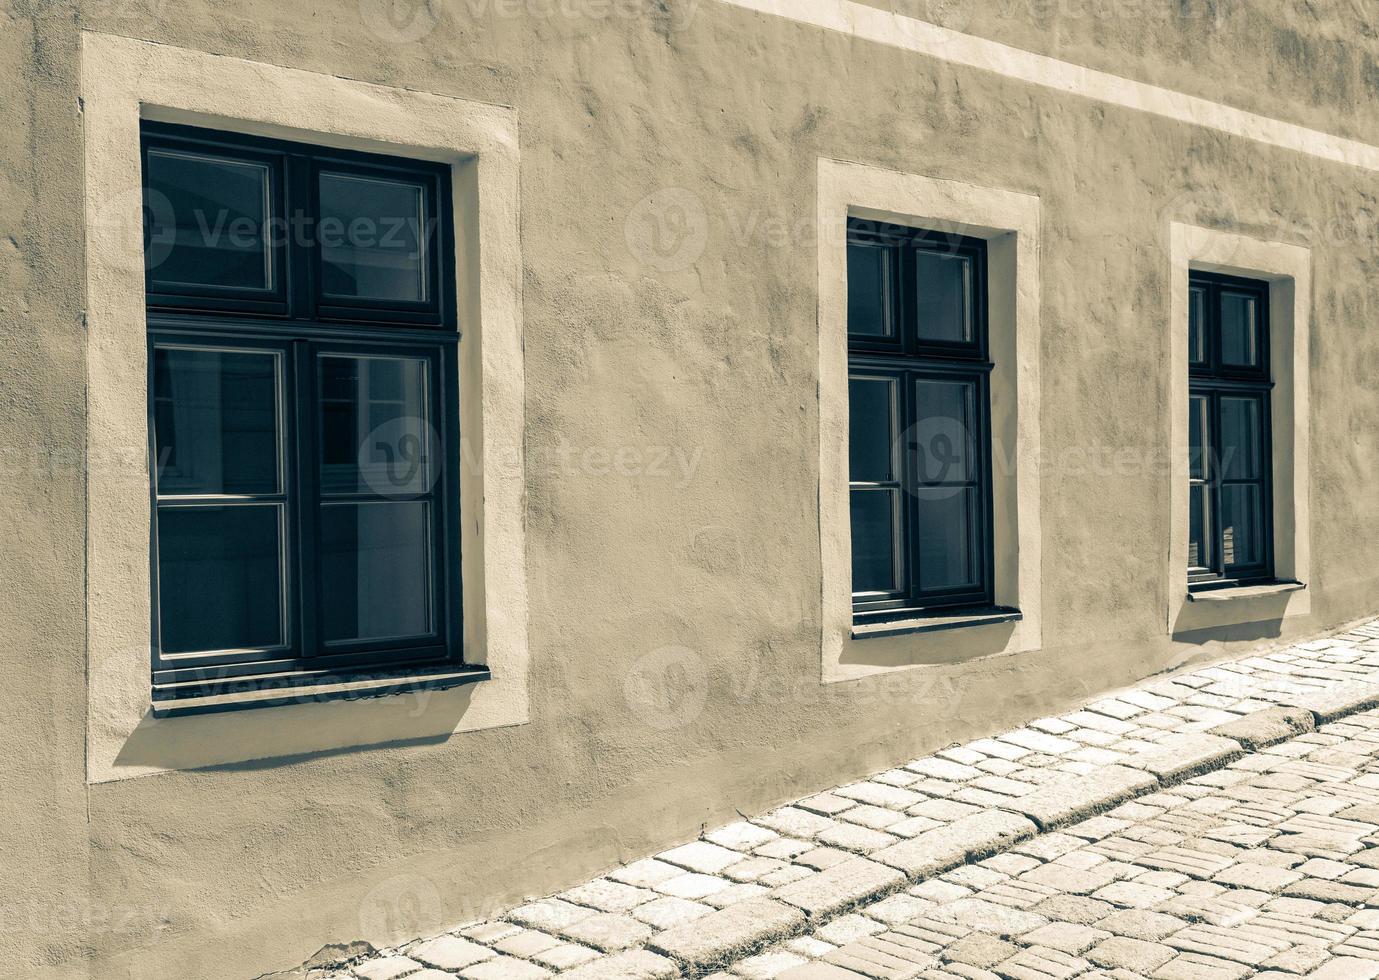 ventanas en el edificio foto